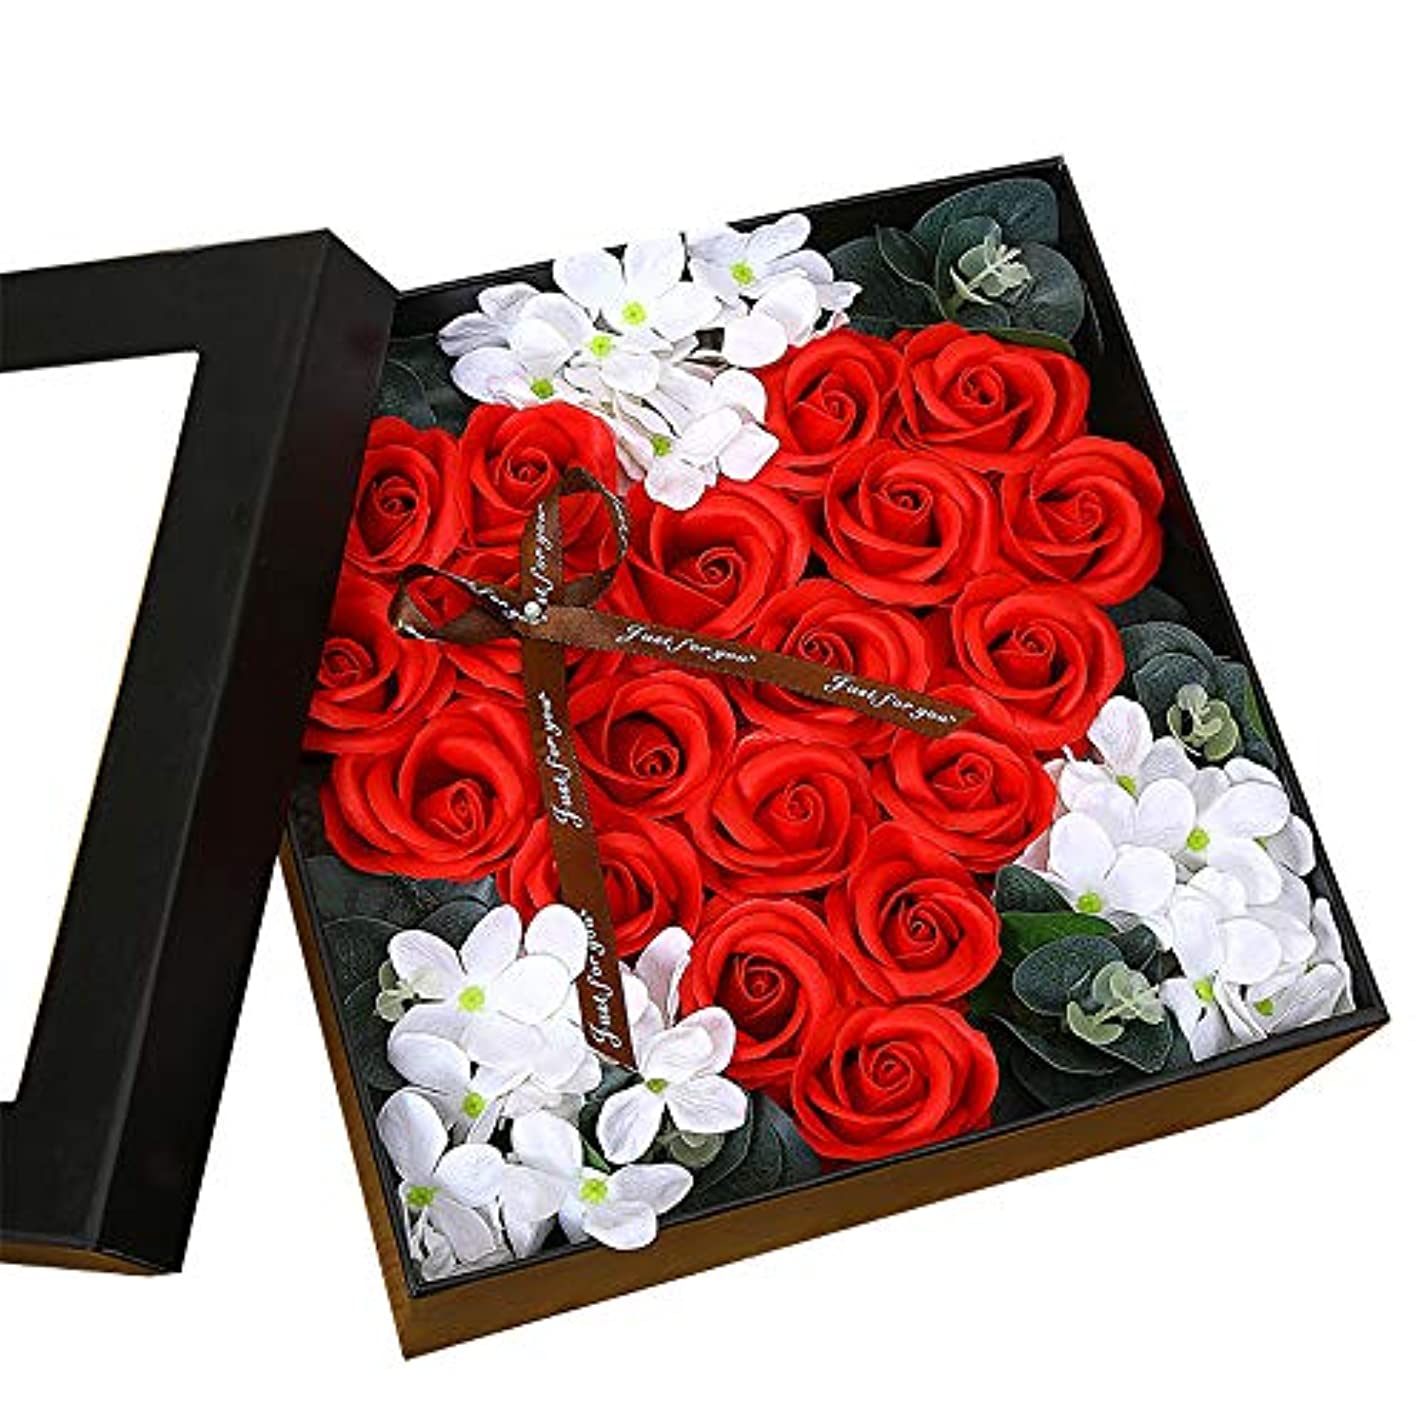 ワインテスピアンうまれた生地と花石鹸の花 ギフトソープフラワーローズフラワーバレンタインデーのために不可欠ガールフレンド記念日誕生日母の日 (色 : Red square box)